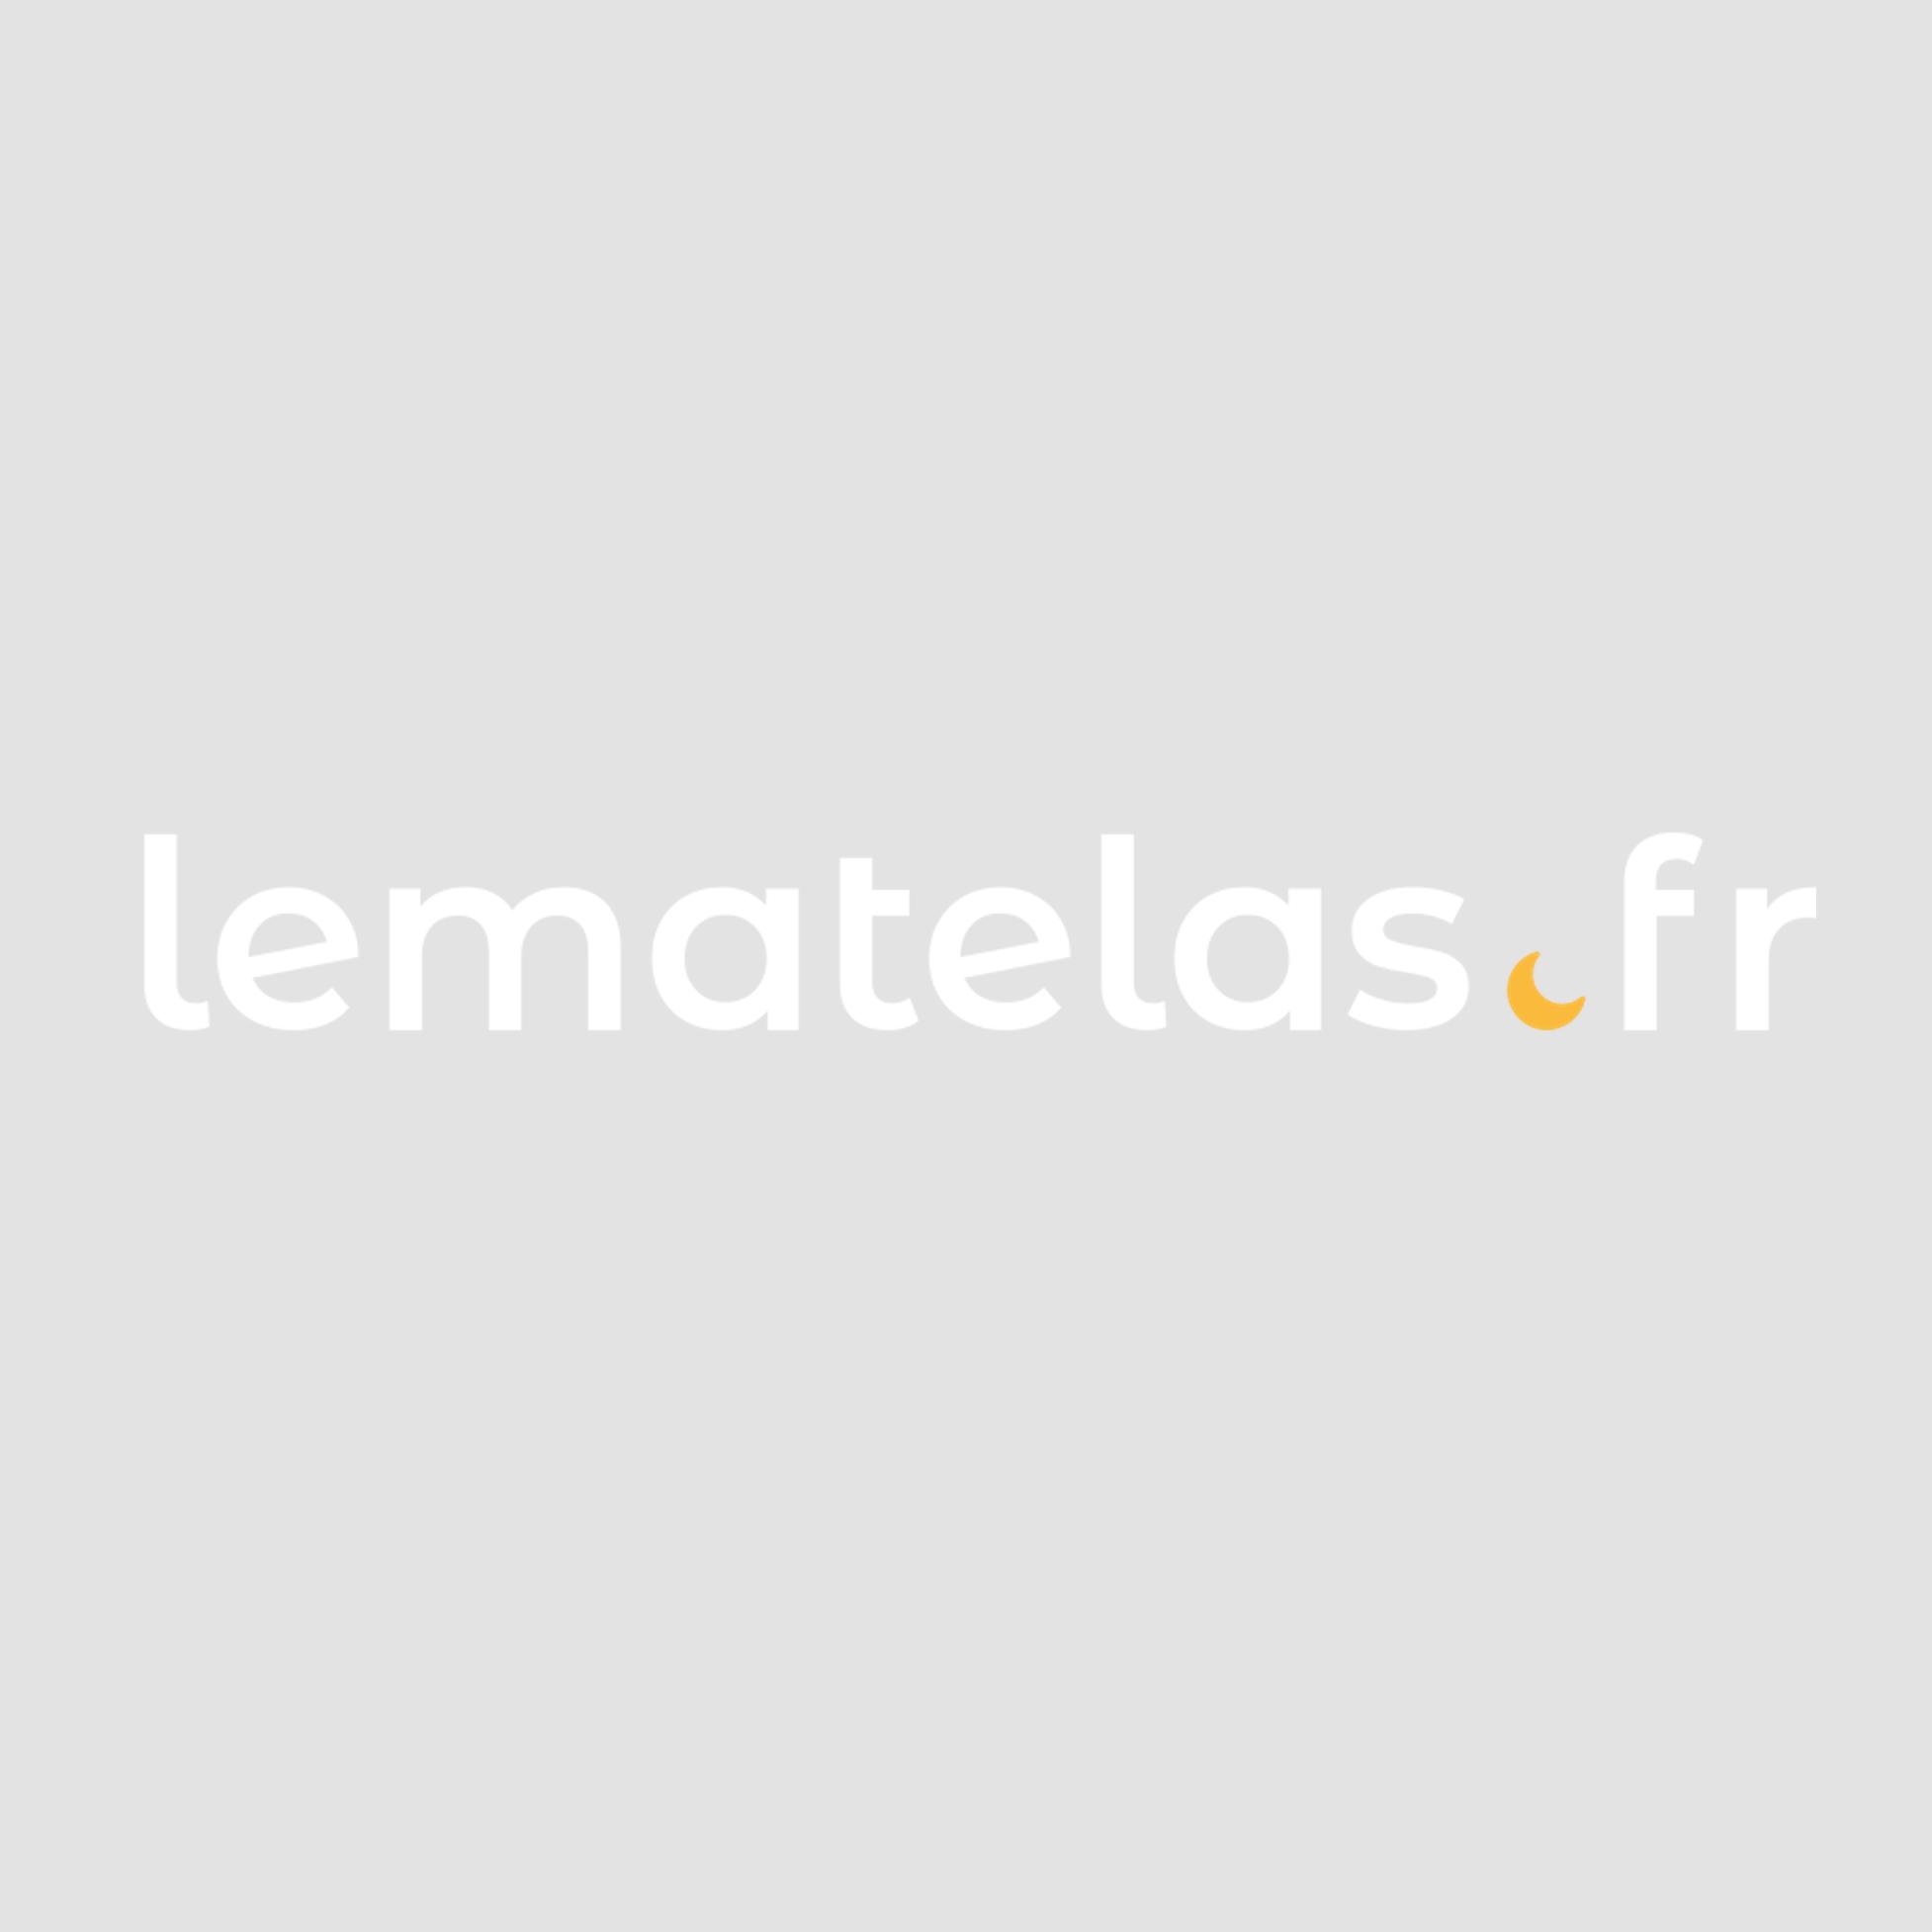 Lit superposé en bois imitation chêne clair et blanc 90x200 avec tiroir de lit - LT5027